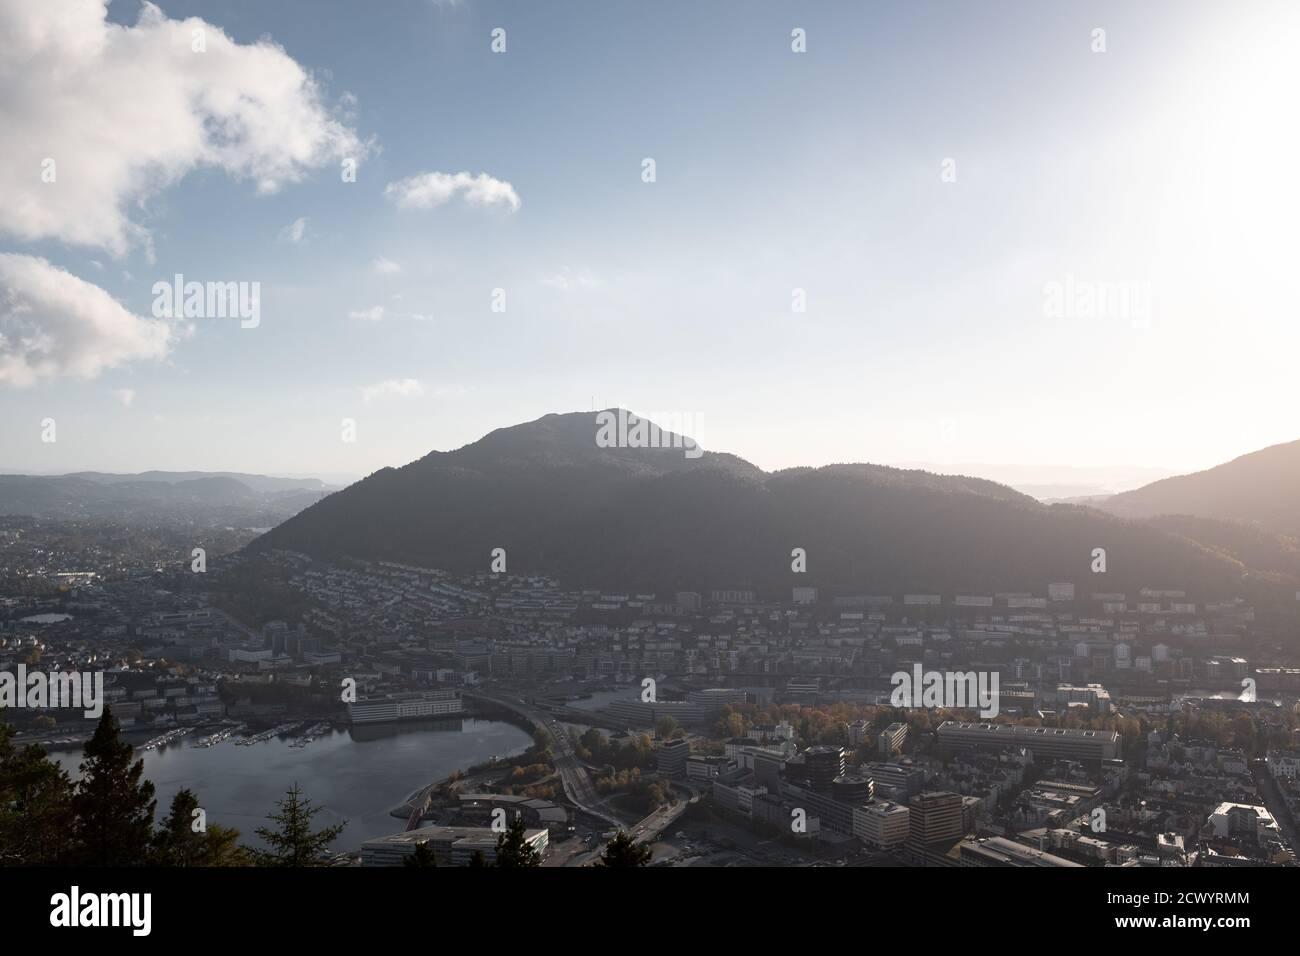 Montañas con paisaje urbano desde gran ángulo. Bergen, Noruega. Foto de stock